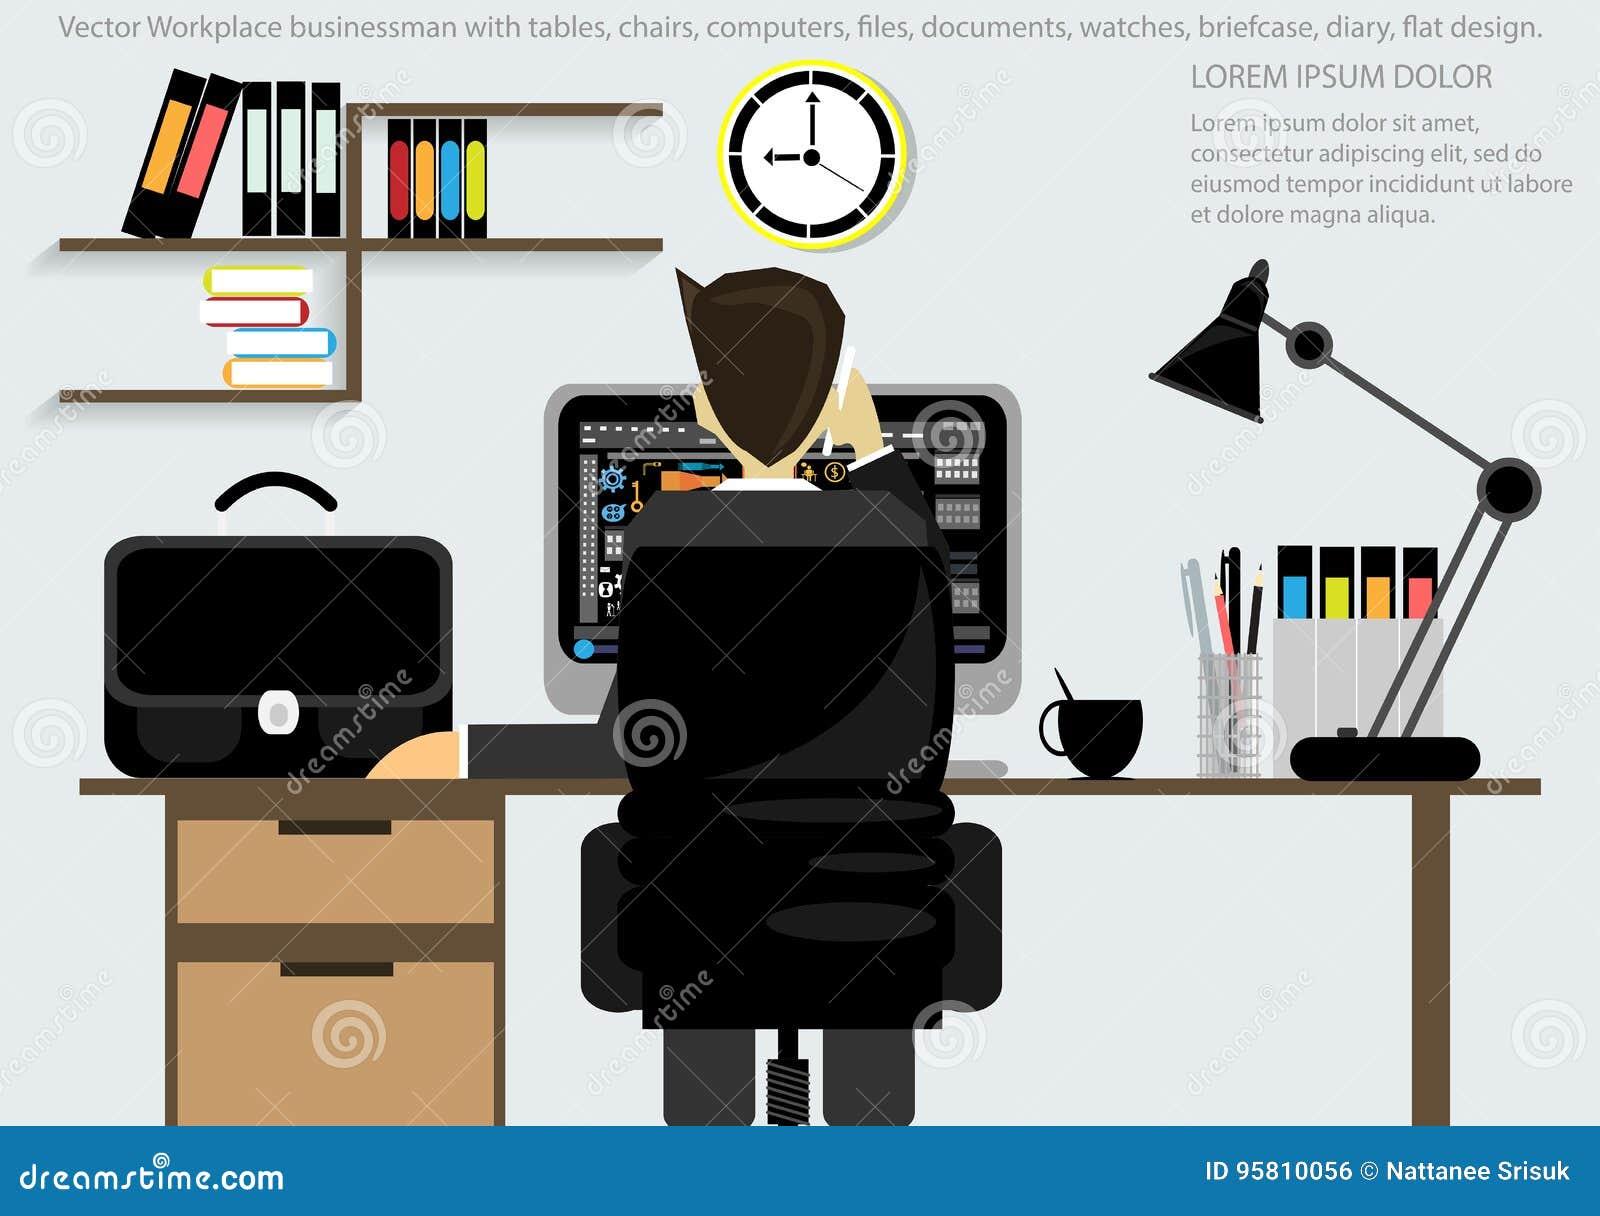 Vectorwerkplaats voor Bedrijfsaktentas, lijsten, stoelen, computers, horloges, pennen, potloden, dossiers, documenten, lampen, ko